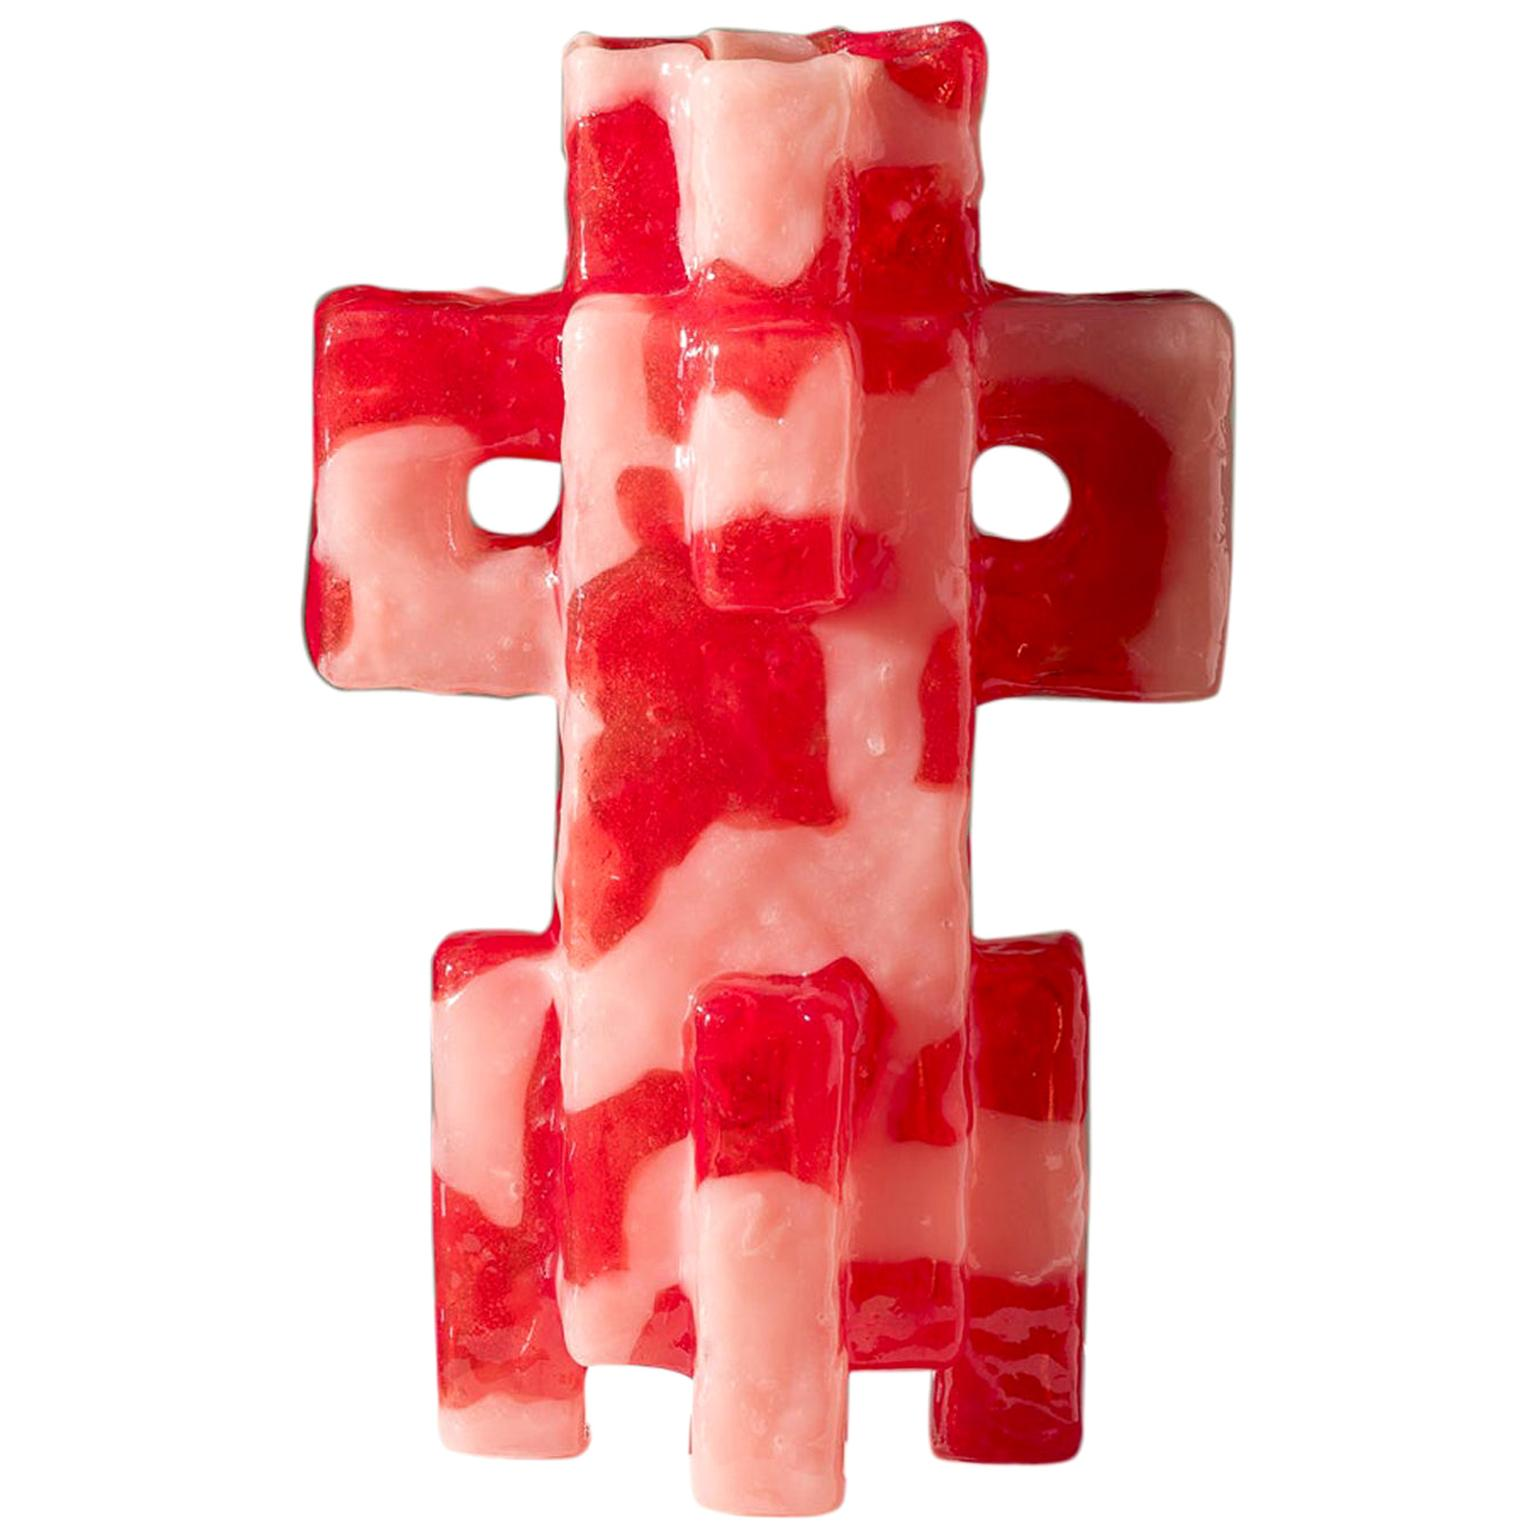 Contemporary by Las Animas KERU 204 Sculpture Vase Vessel Resin Red Pink